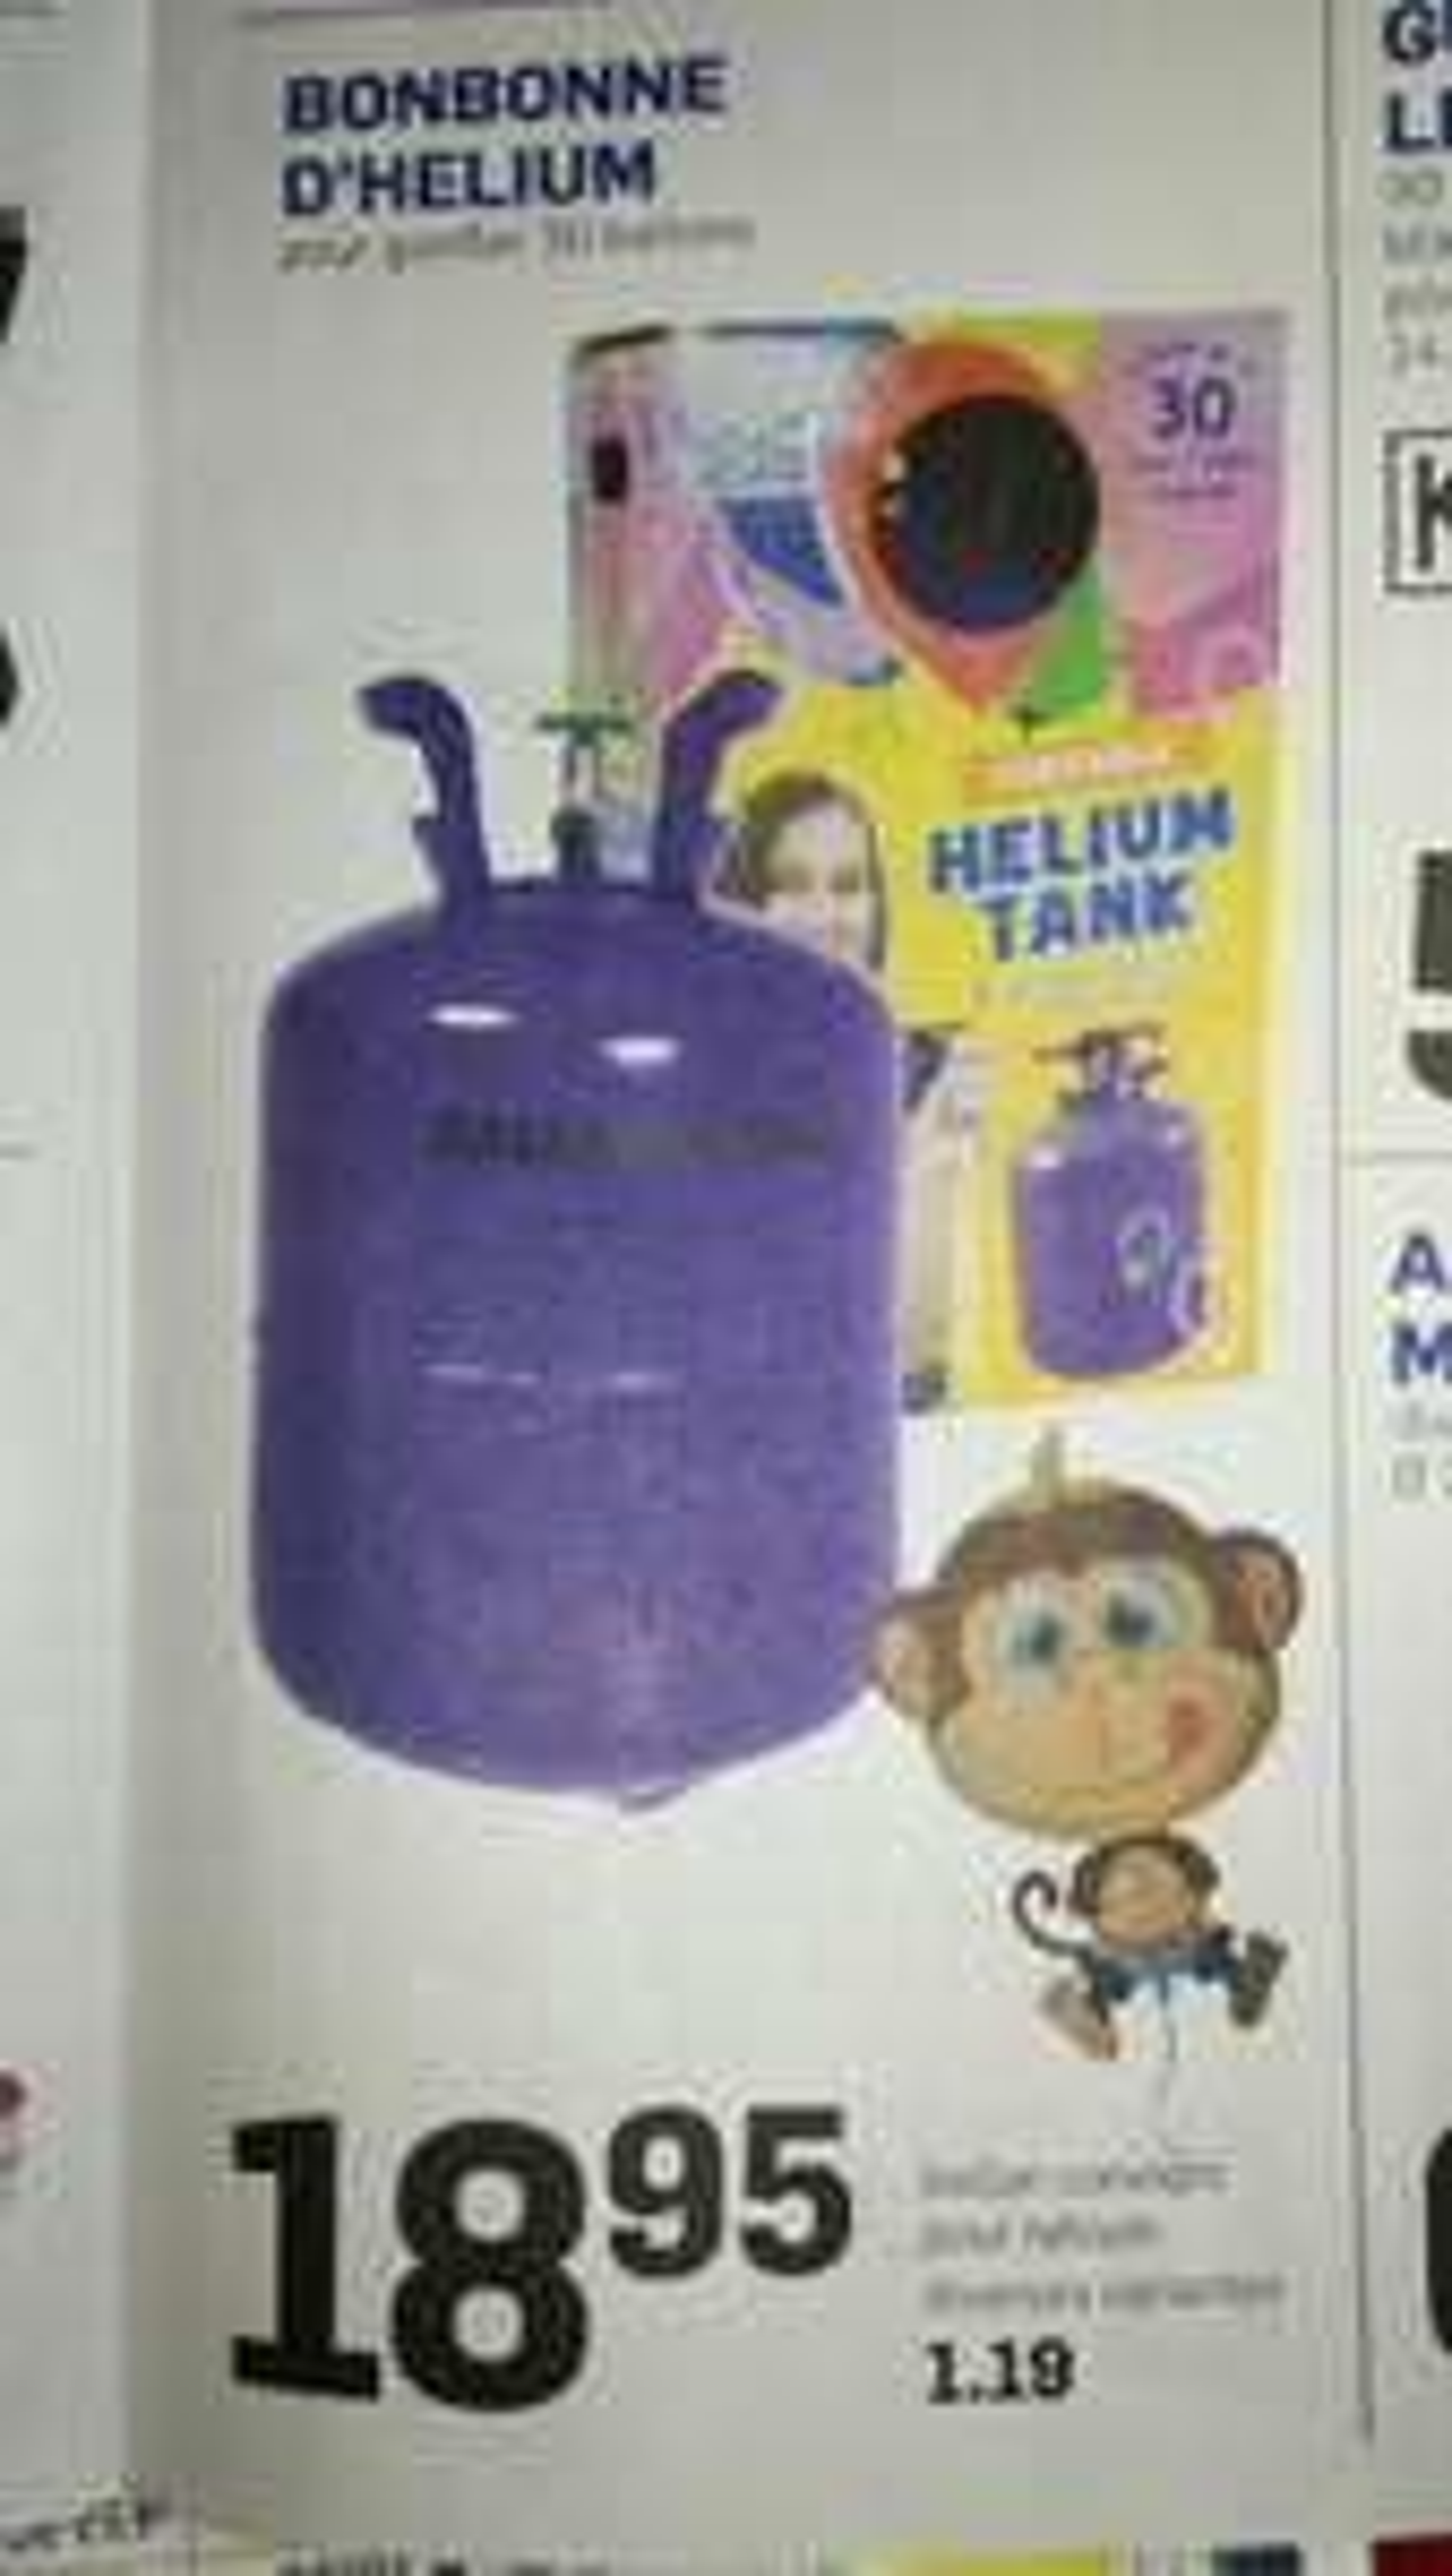 Bonbonne d'helium